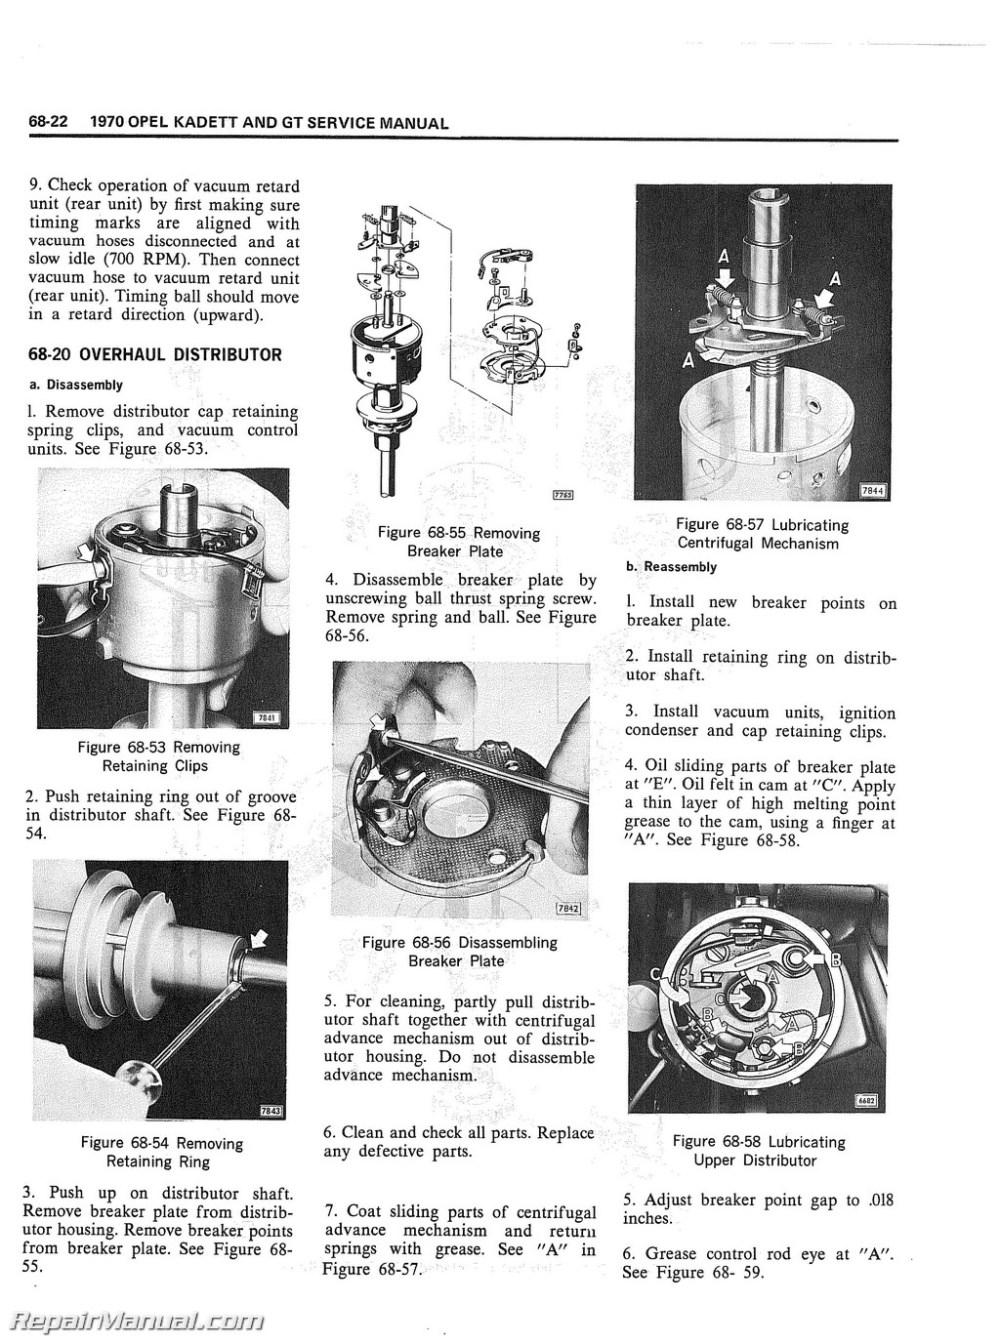 medium resolution of 1970 opel kadett gt service manual opel vectra c opel ascona c wiring diagram